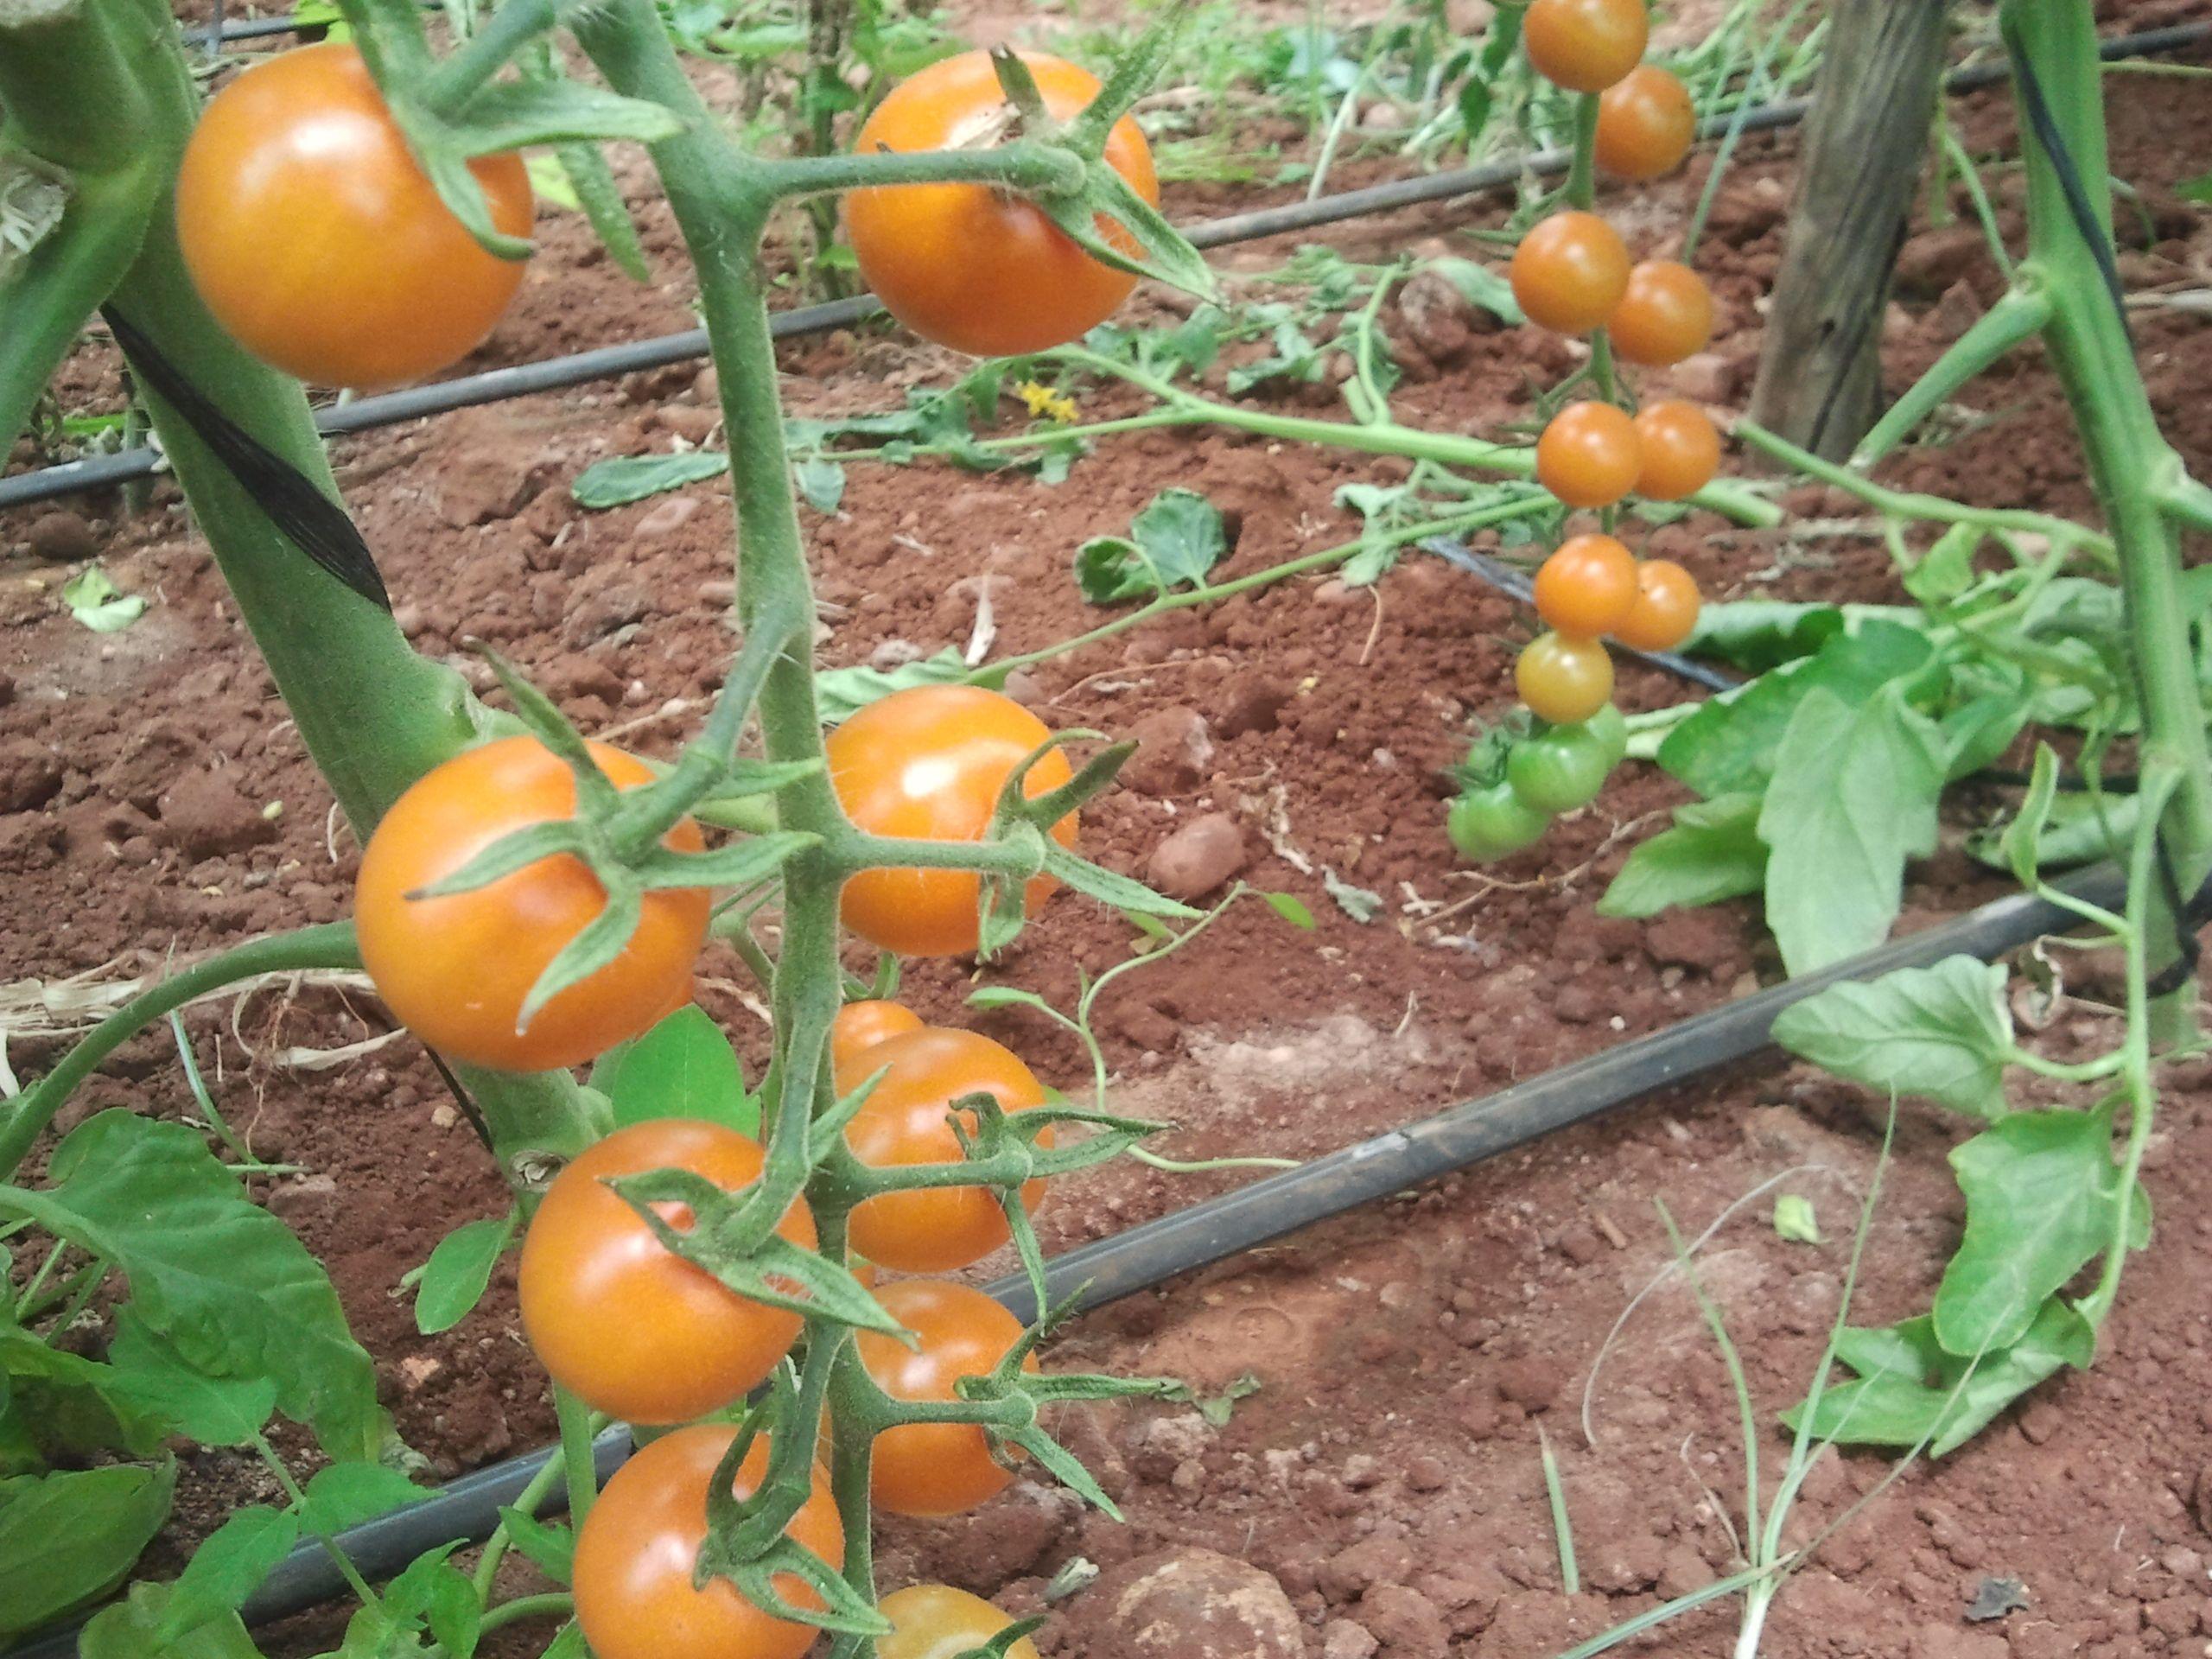 Tomate Cherry Sungold Sungold Es Un Cherry Mas Pequeñito Que Los Normalmente Conocidos Es Un Tomate Originario De Japon Tomates Cherry Tomate Color Naranja